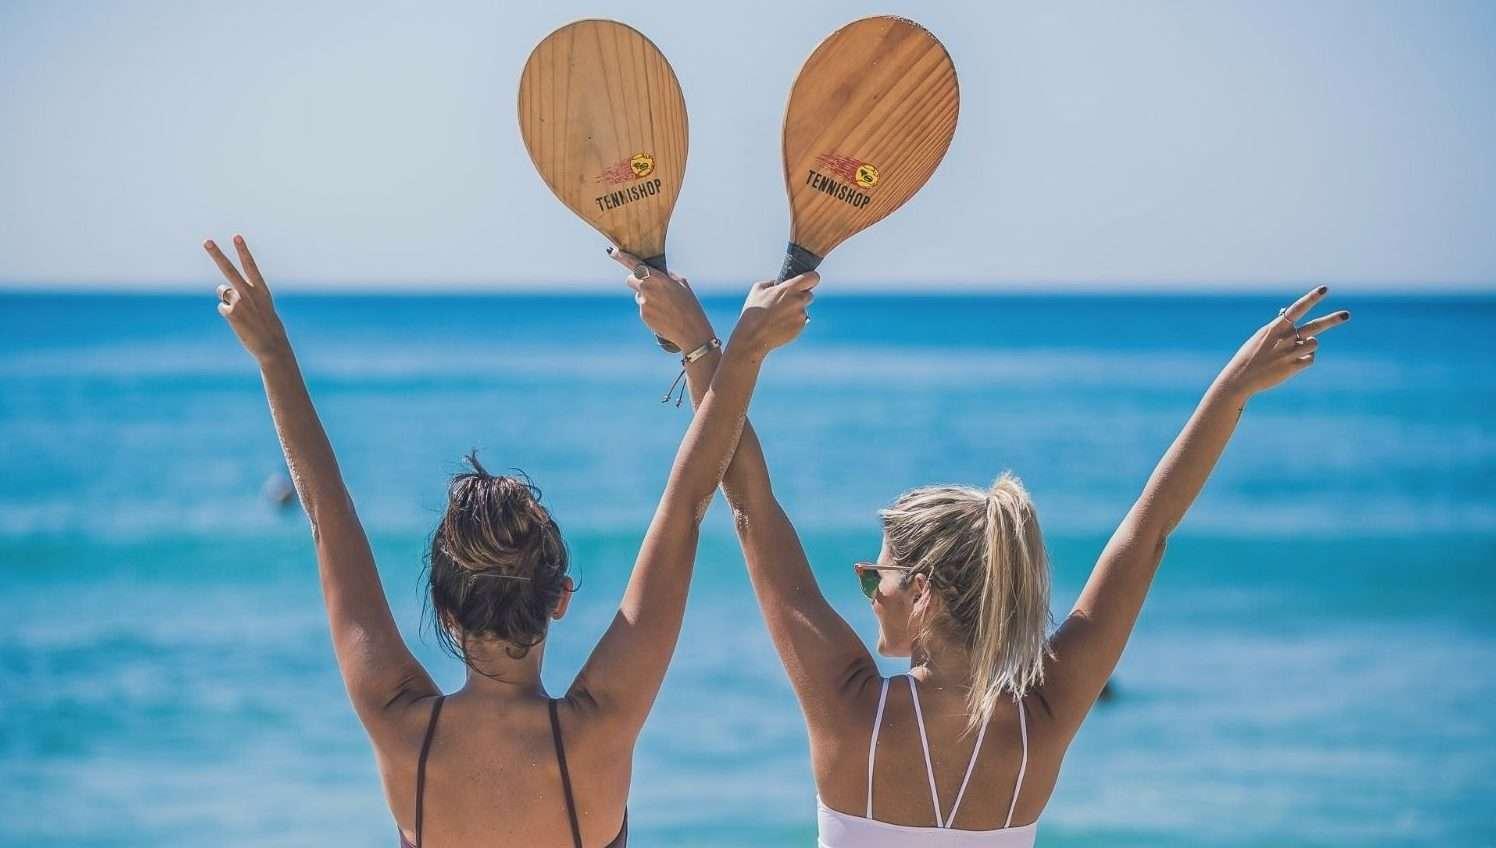 Фрескобол, маткот или пляжный теннис?